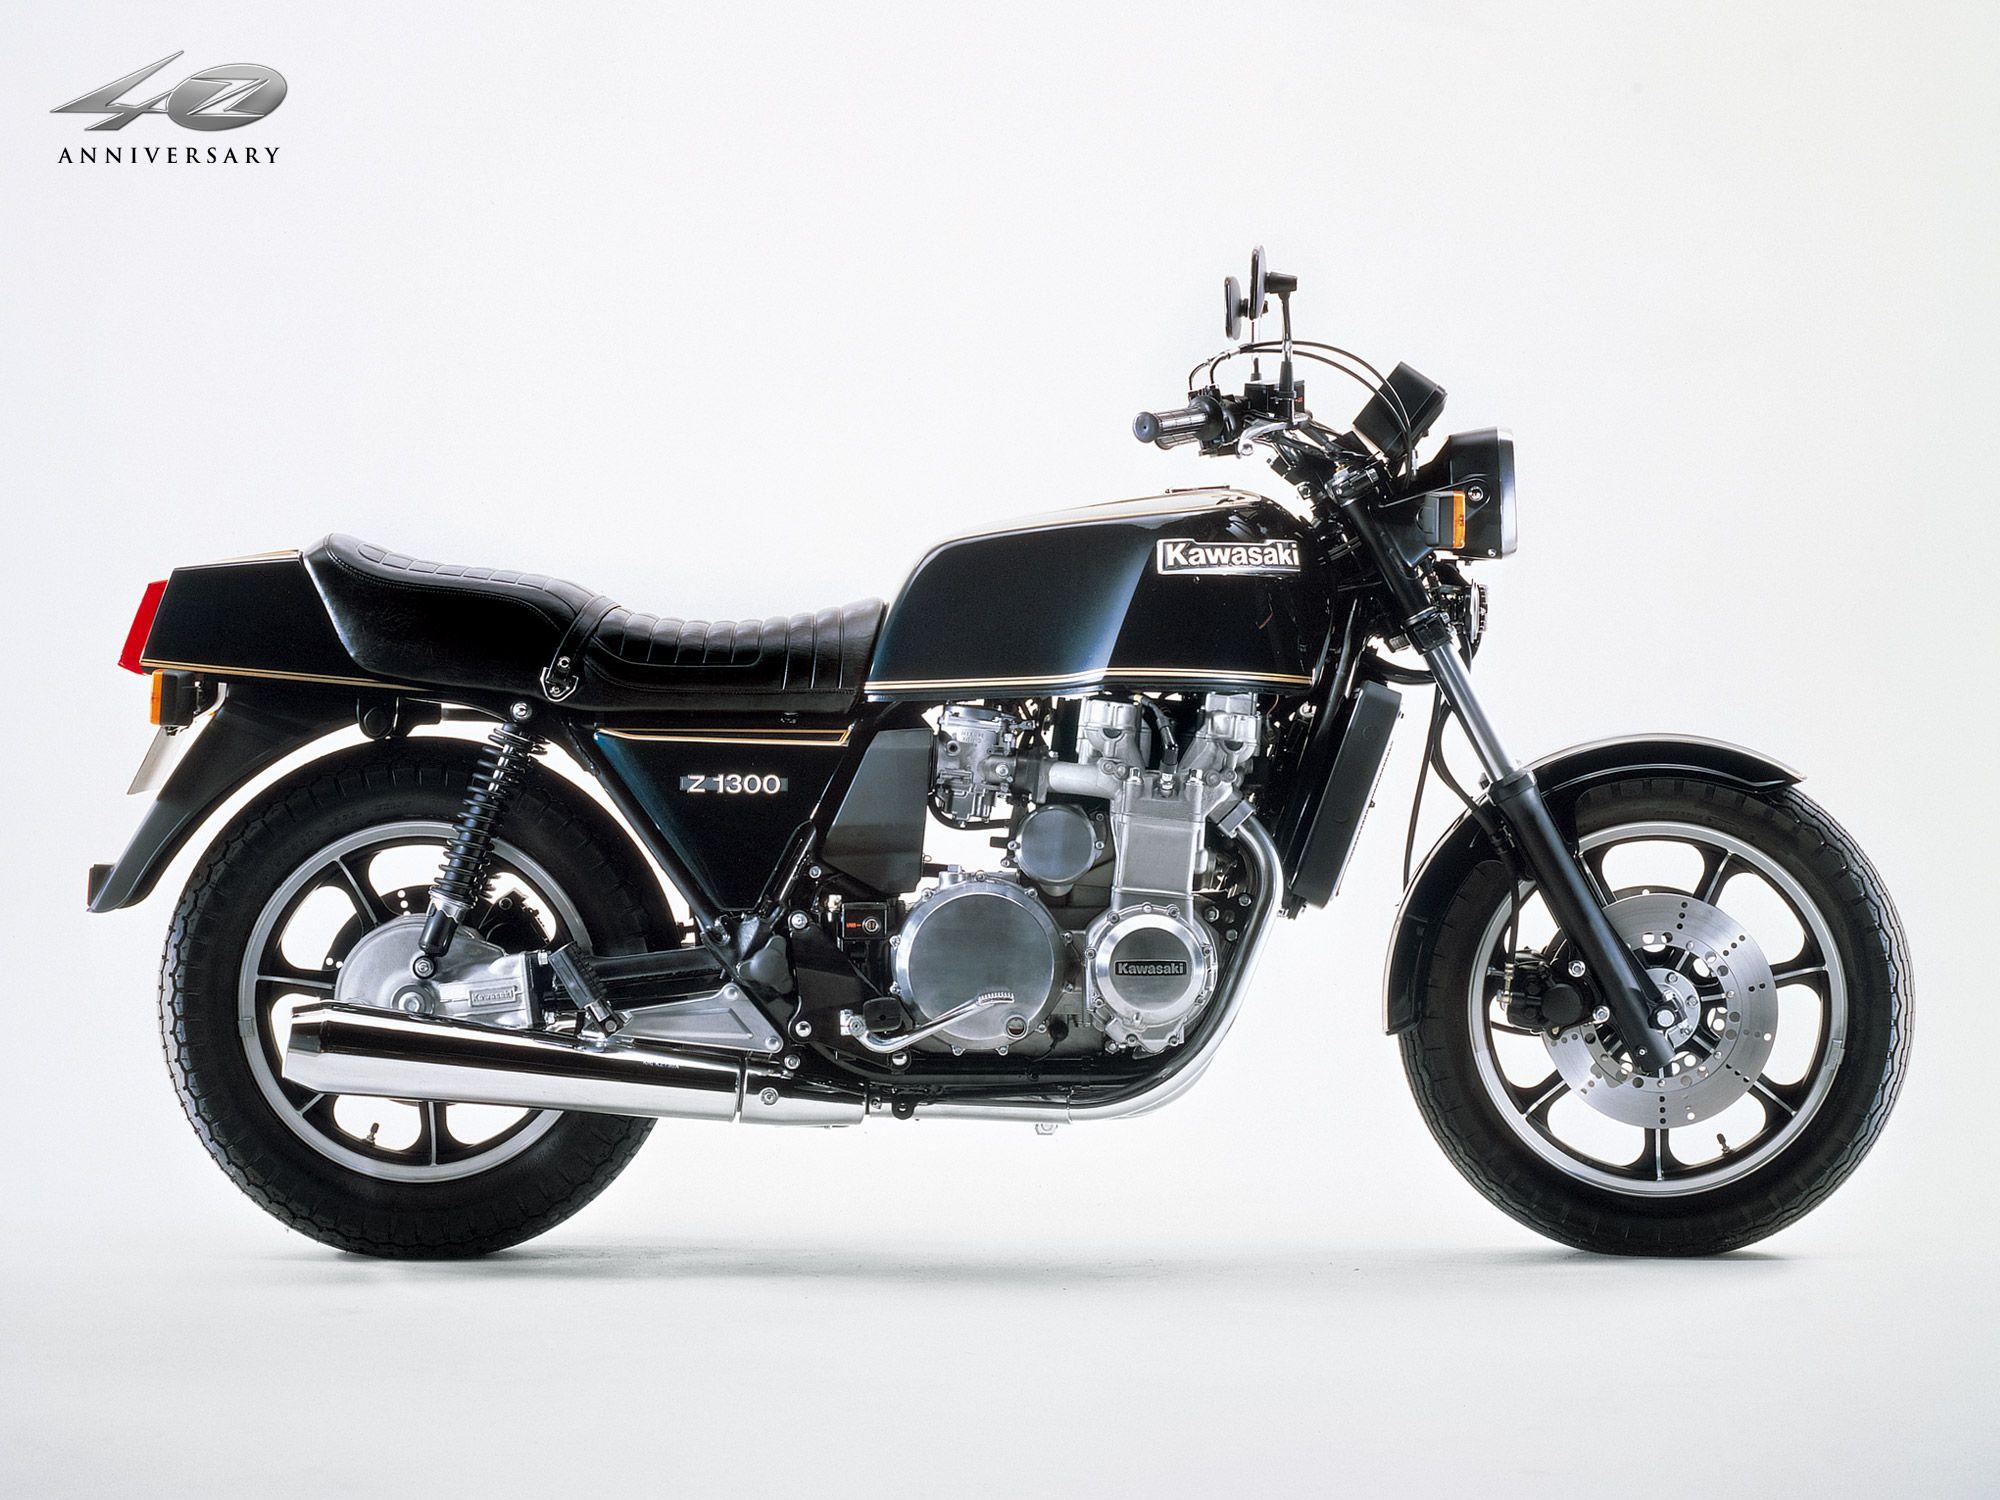 Kawasaki Z1300 (1979) Japanese Motorcycle, Kawasaki Classic, Custom Bikes,  Kawasaki Motorcycles